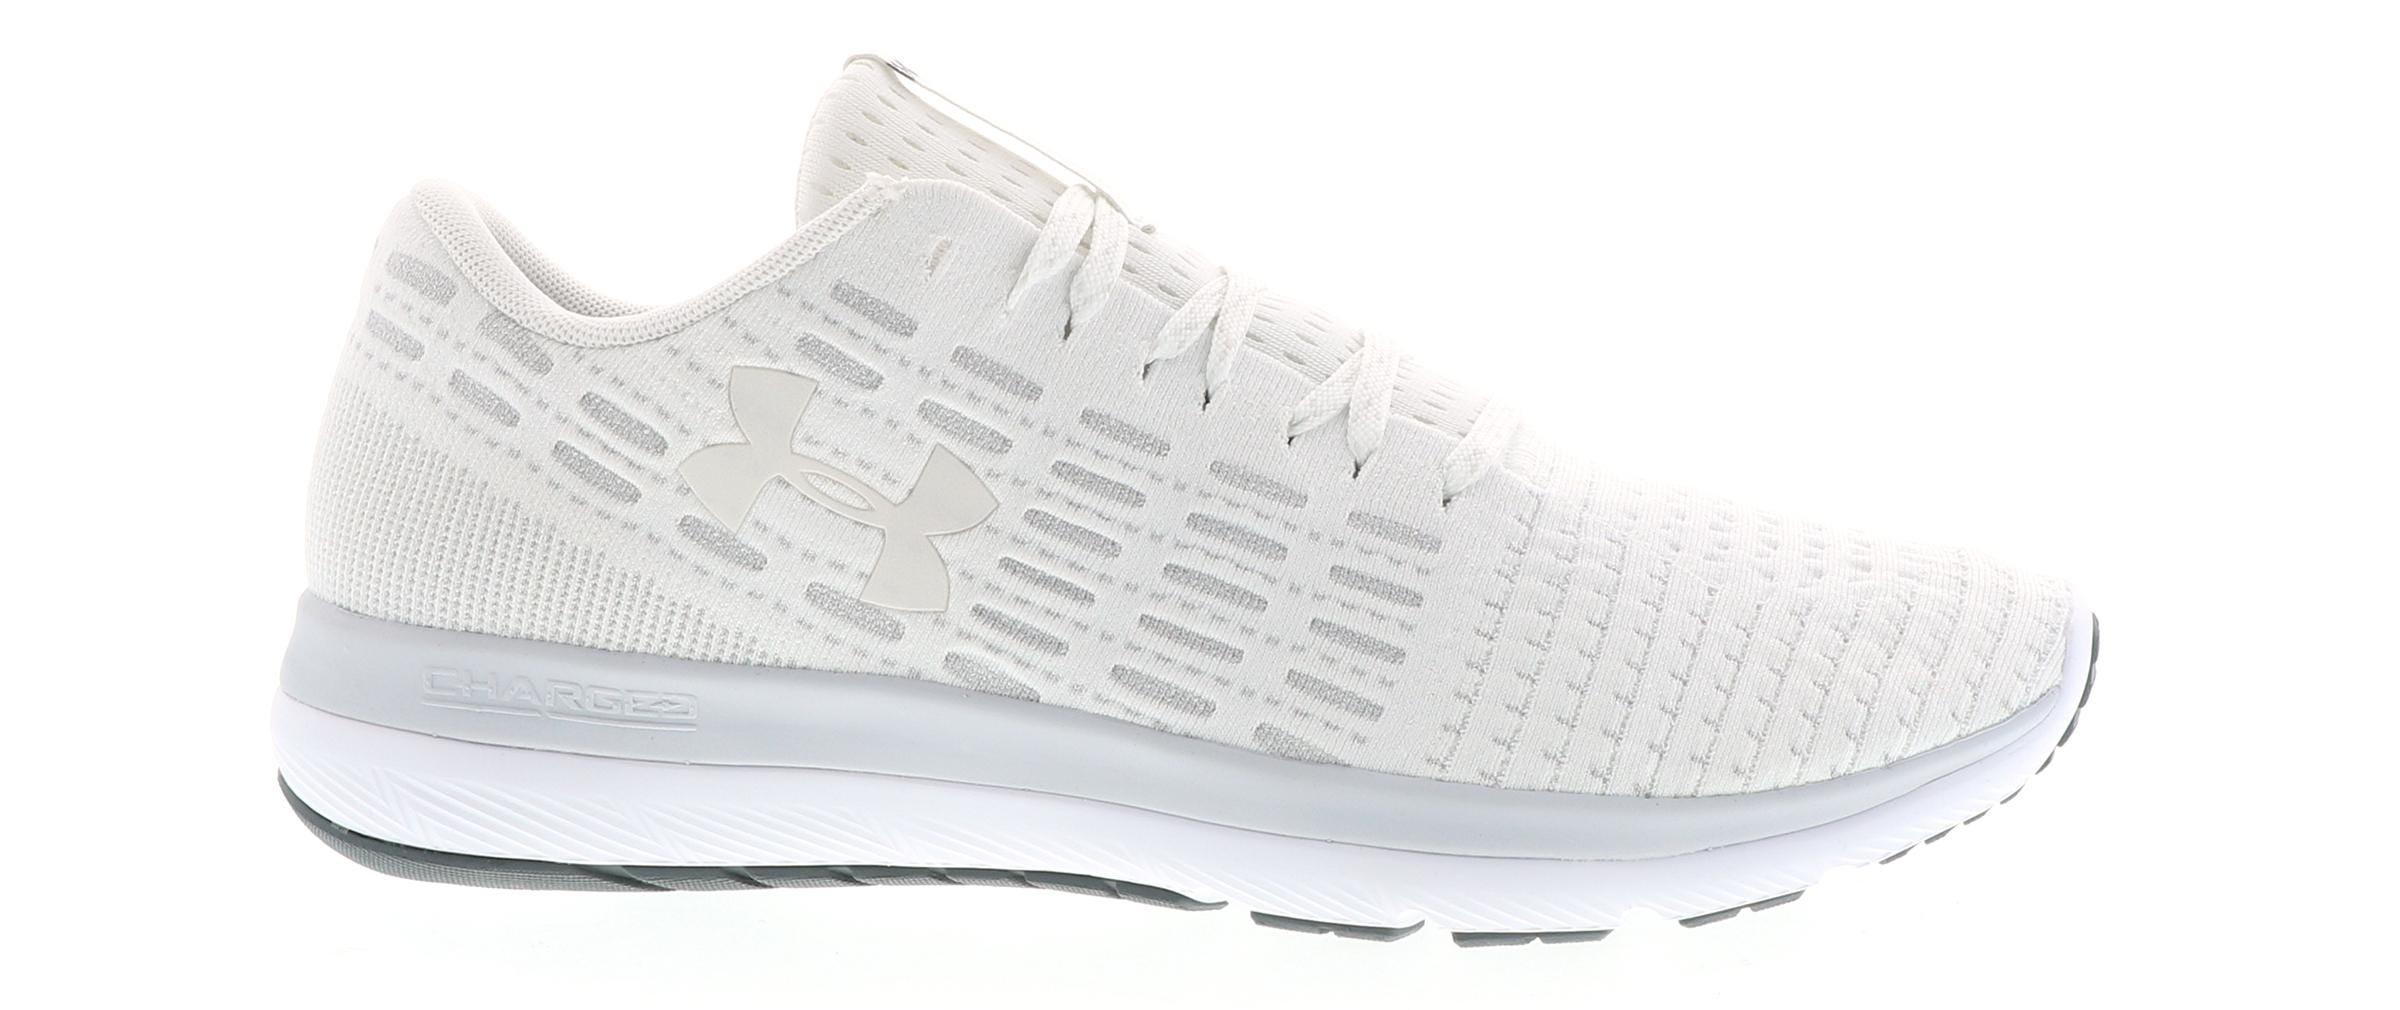 big sale 99d1c e781b UNDER ARMOUR Men's Under Armour Slingflex Running Shoes|Shoe ...